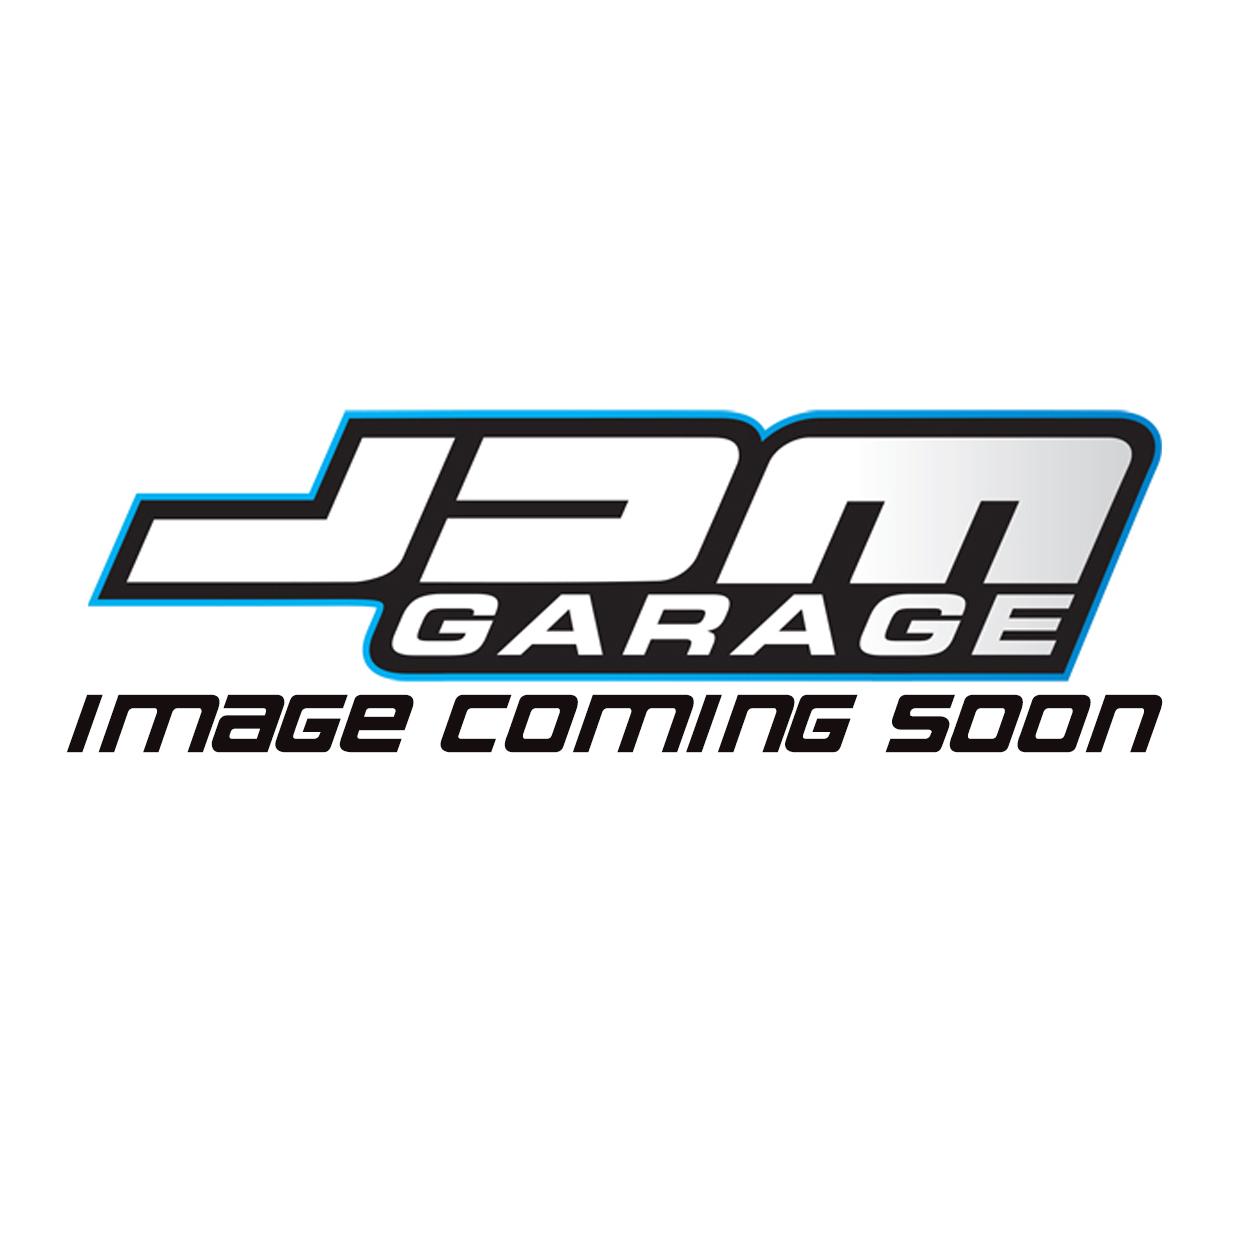 OE Replacement & EBC Greenstuff / Yellowstuff Front Brake Pads - Nissan Juke